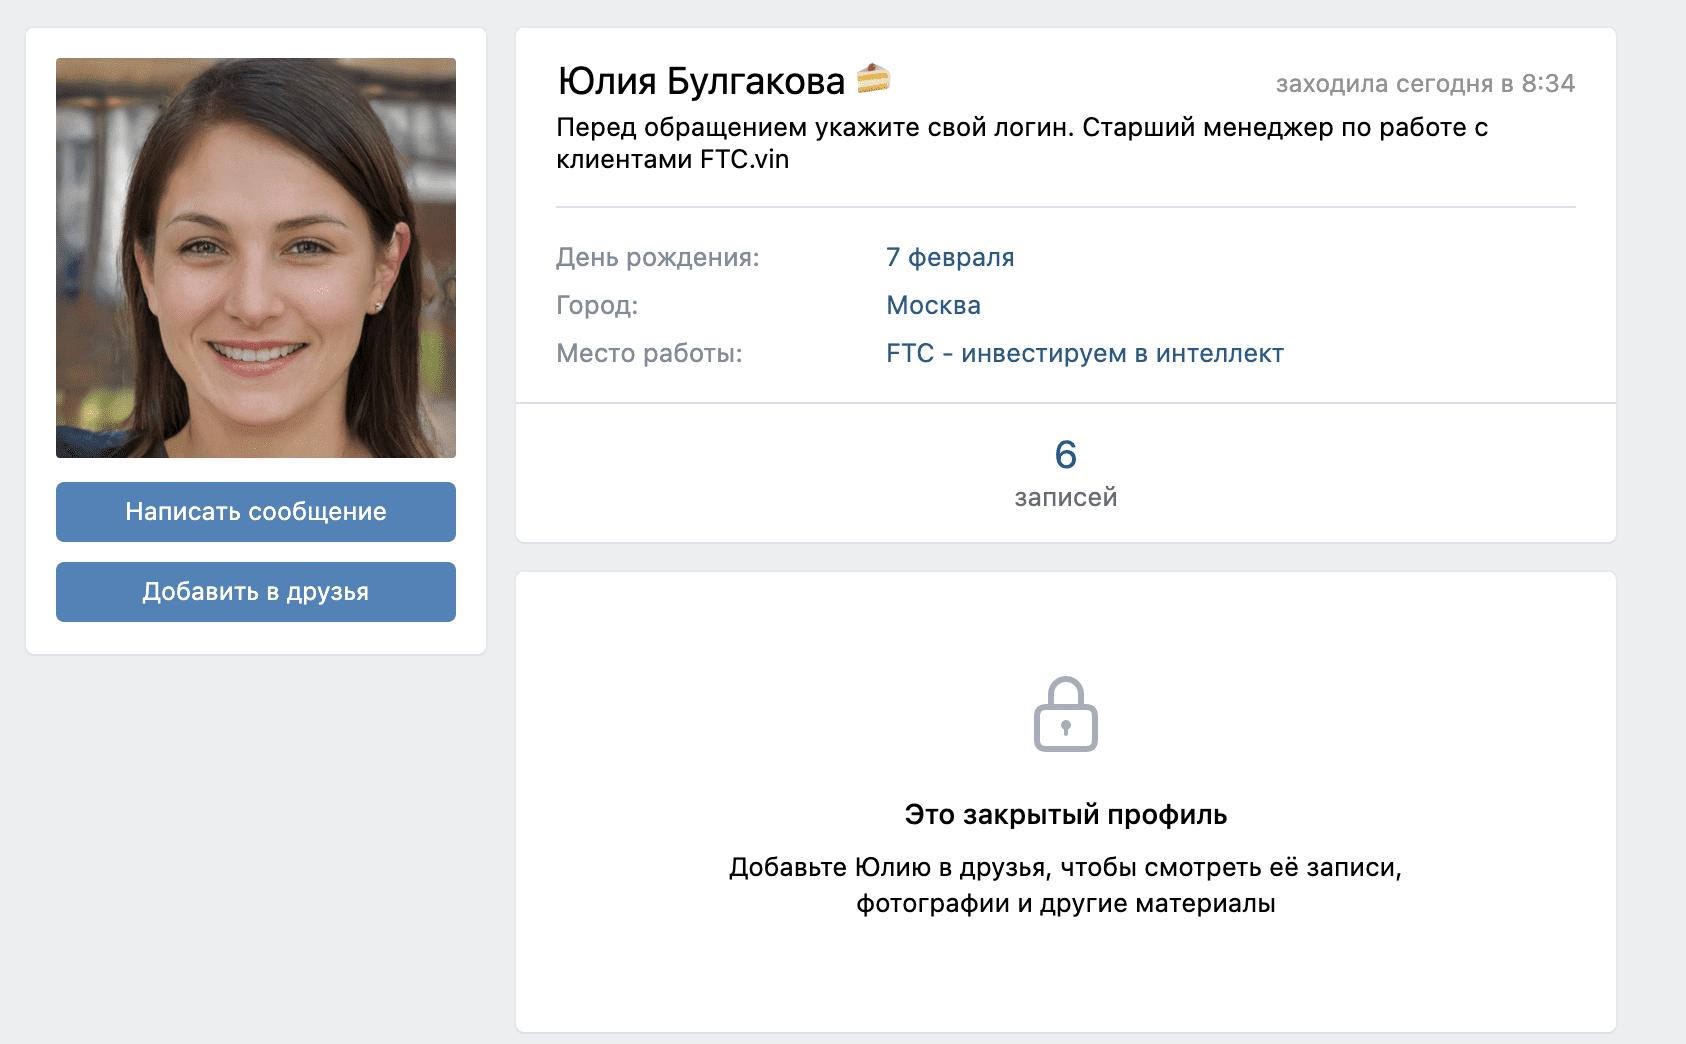 Главный менеджер проекта FTC VIN(ФТС ВИН)